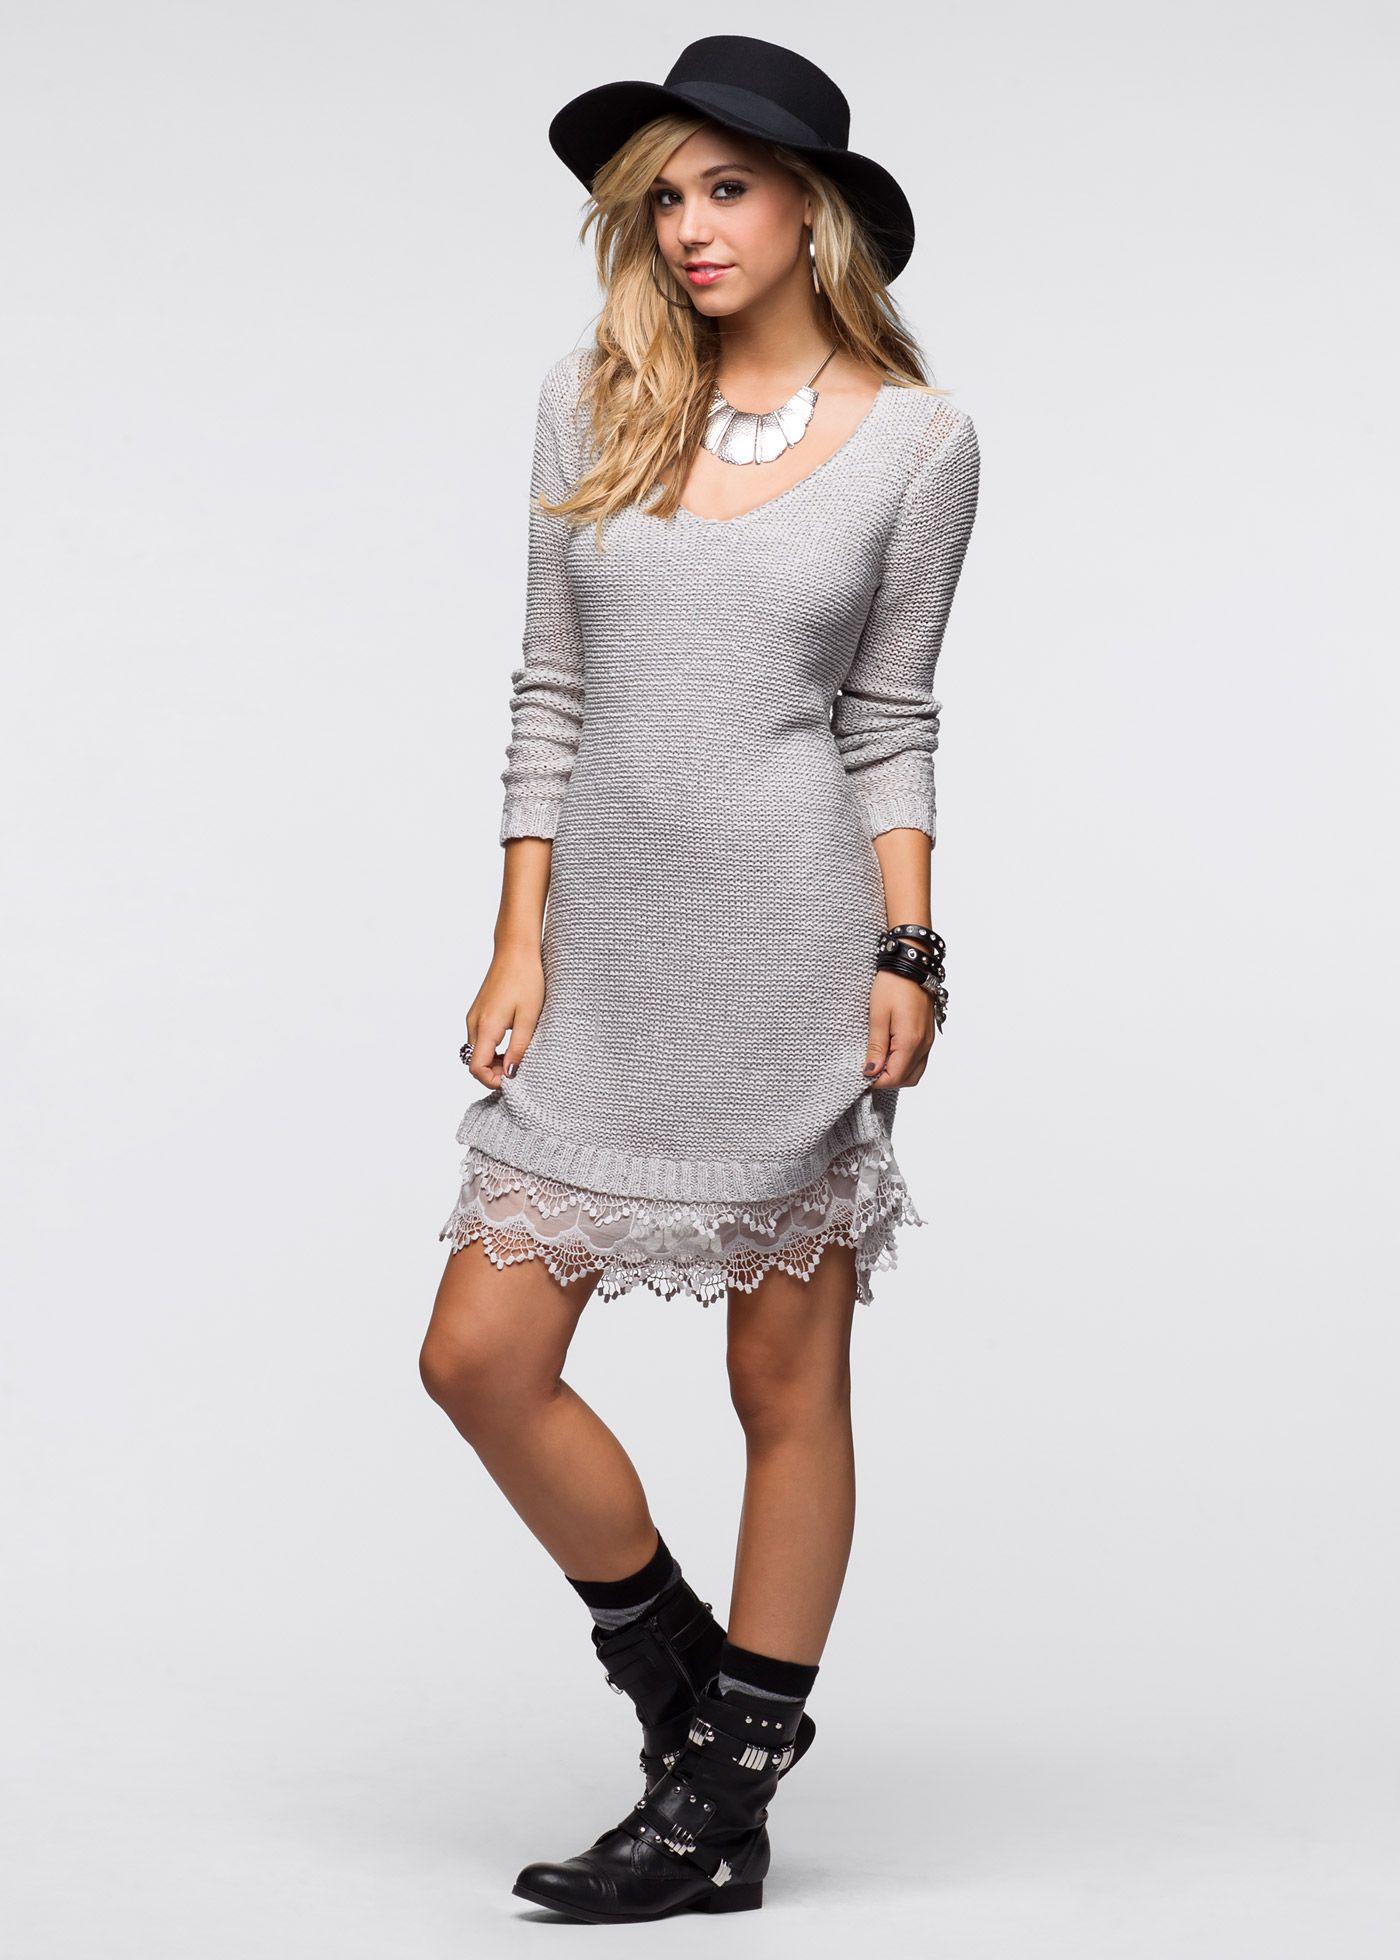 Pletené šaty s krajkovým volánem světle šedá - koupit online - bonprix.cz  Skvělé šaty značky RAINBOW s malým výstřihem do V. Vrstvený krajkový lem e5177068f6